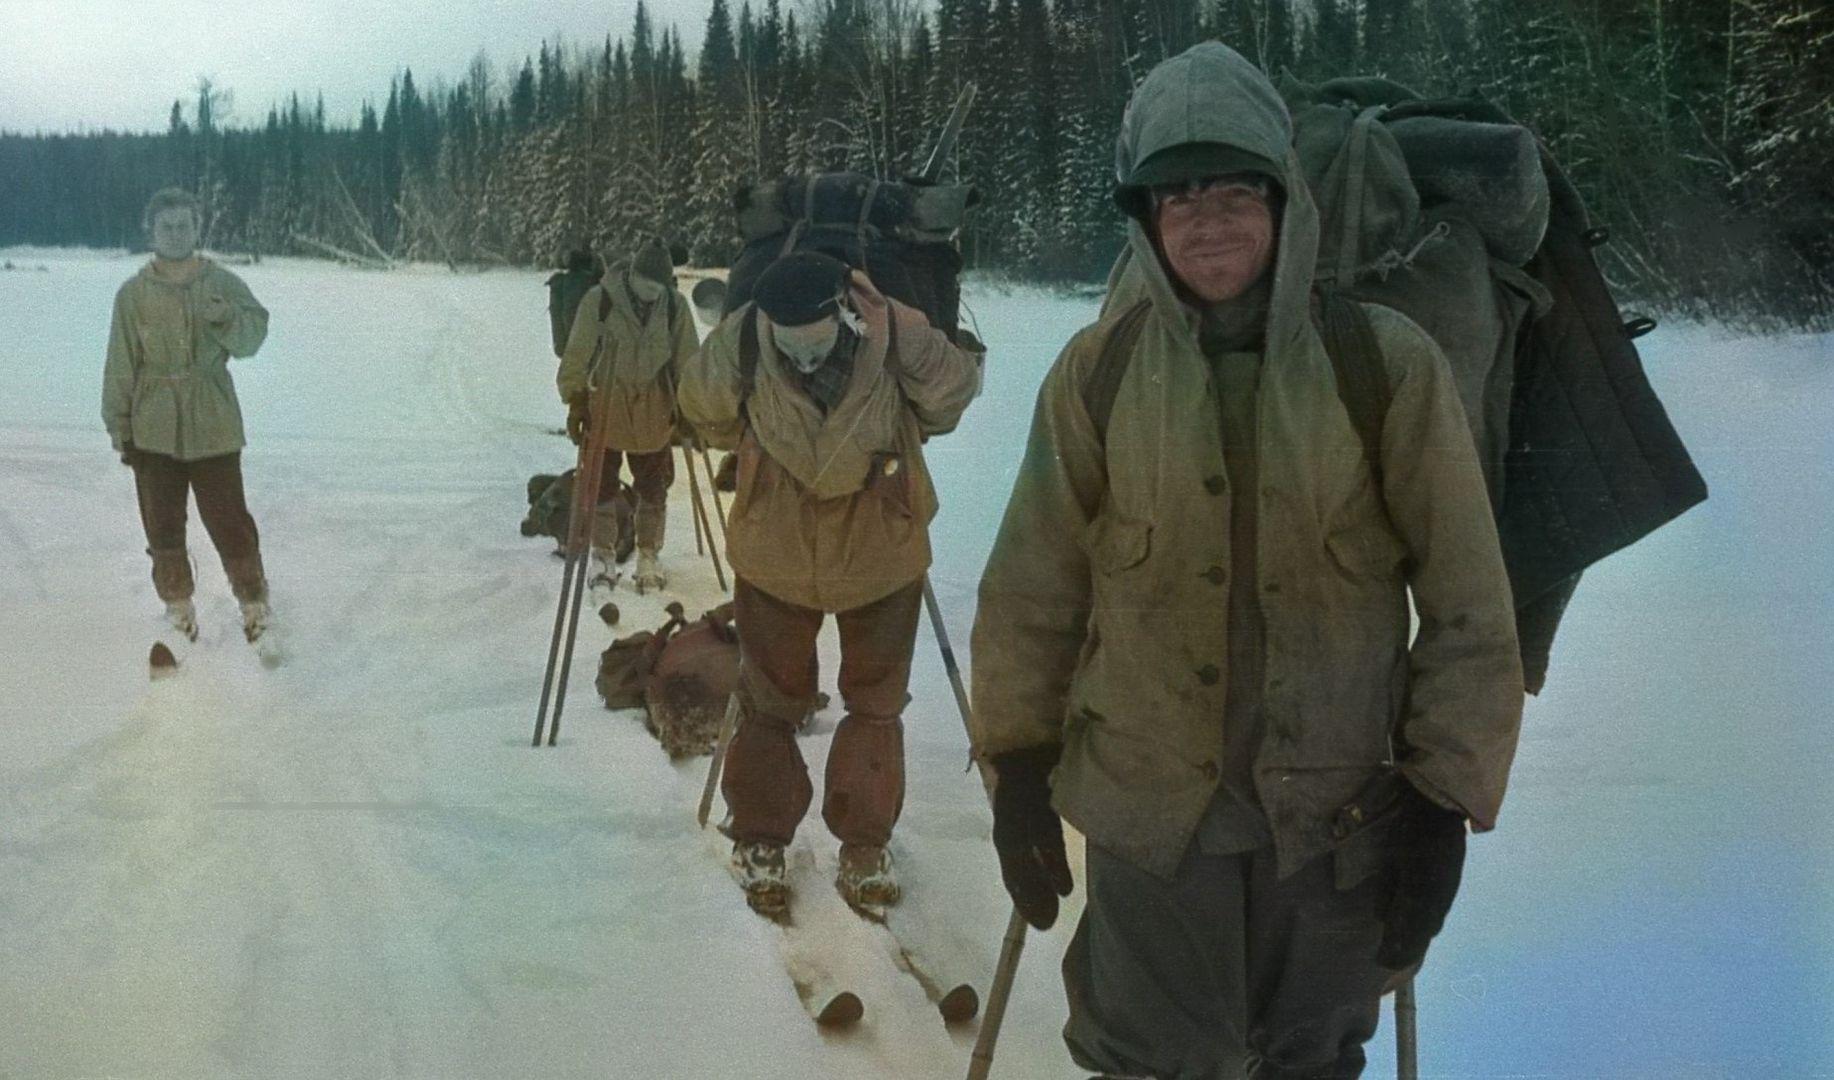 Droga przez przecinkę w tajdze. Na pierwszym planie Rustem, za nim Siemion i Igor, po lewej Ludmiła